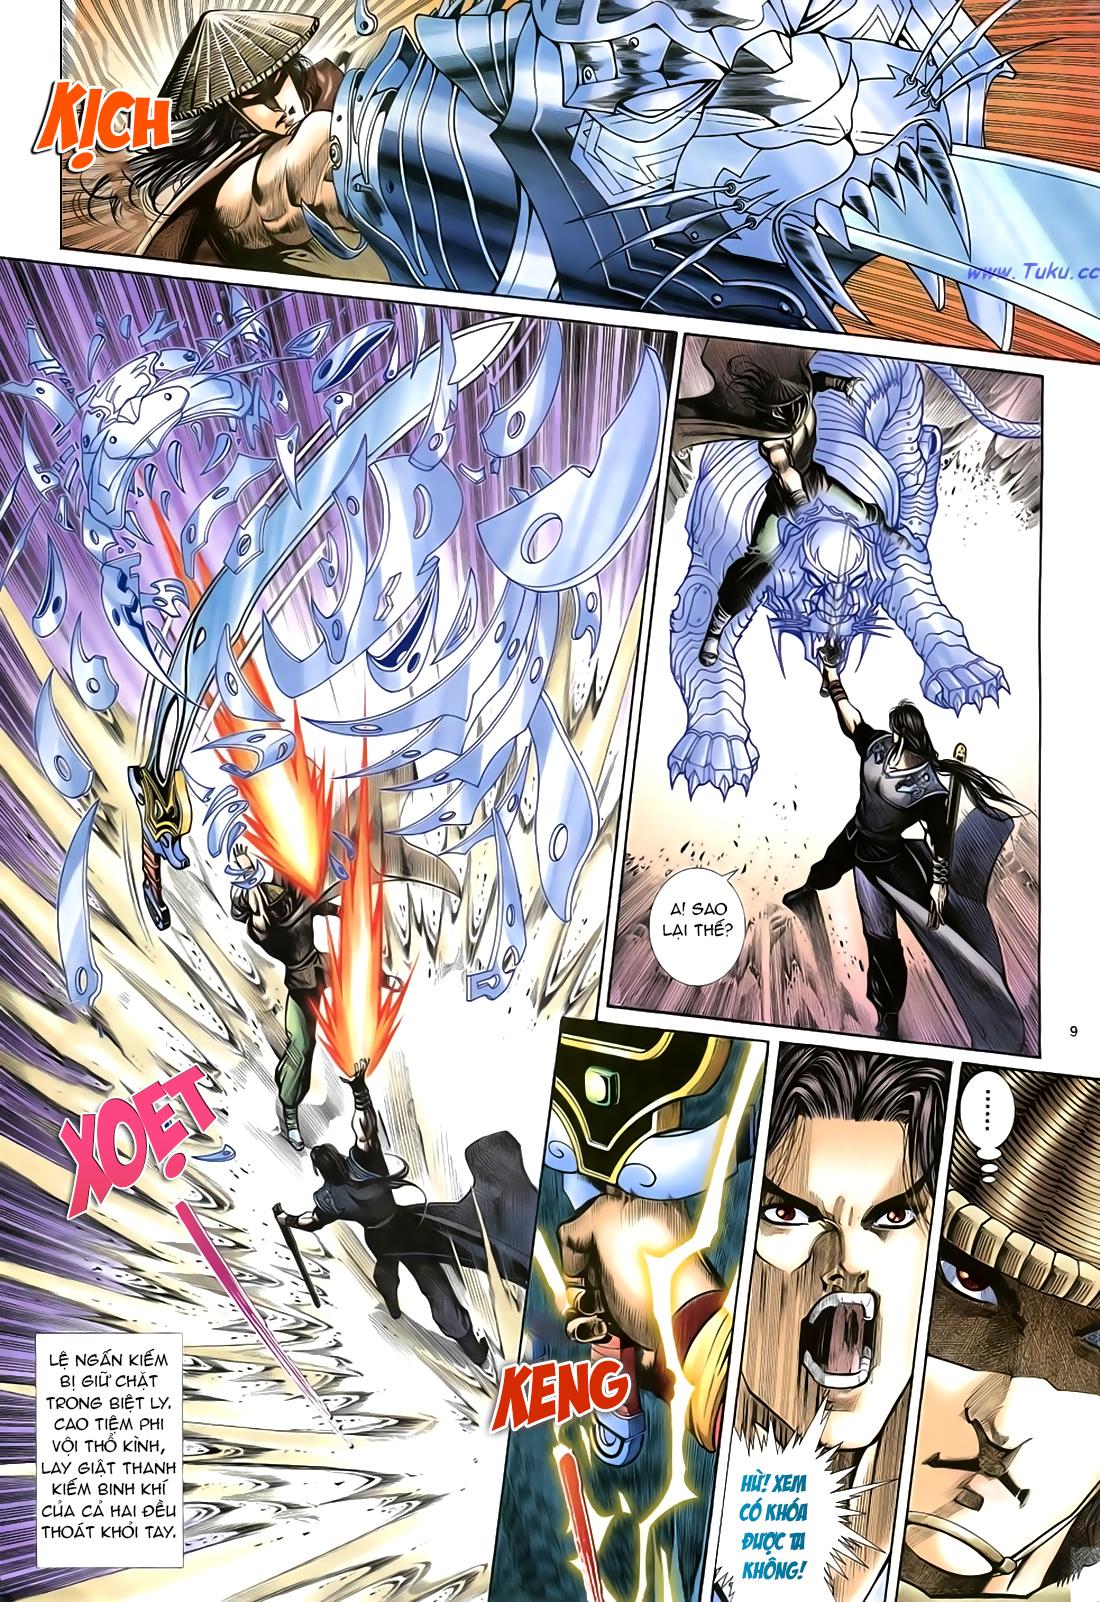 Anh hùng vô lệ Chap 21 trang 10